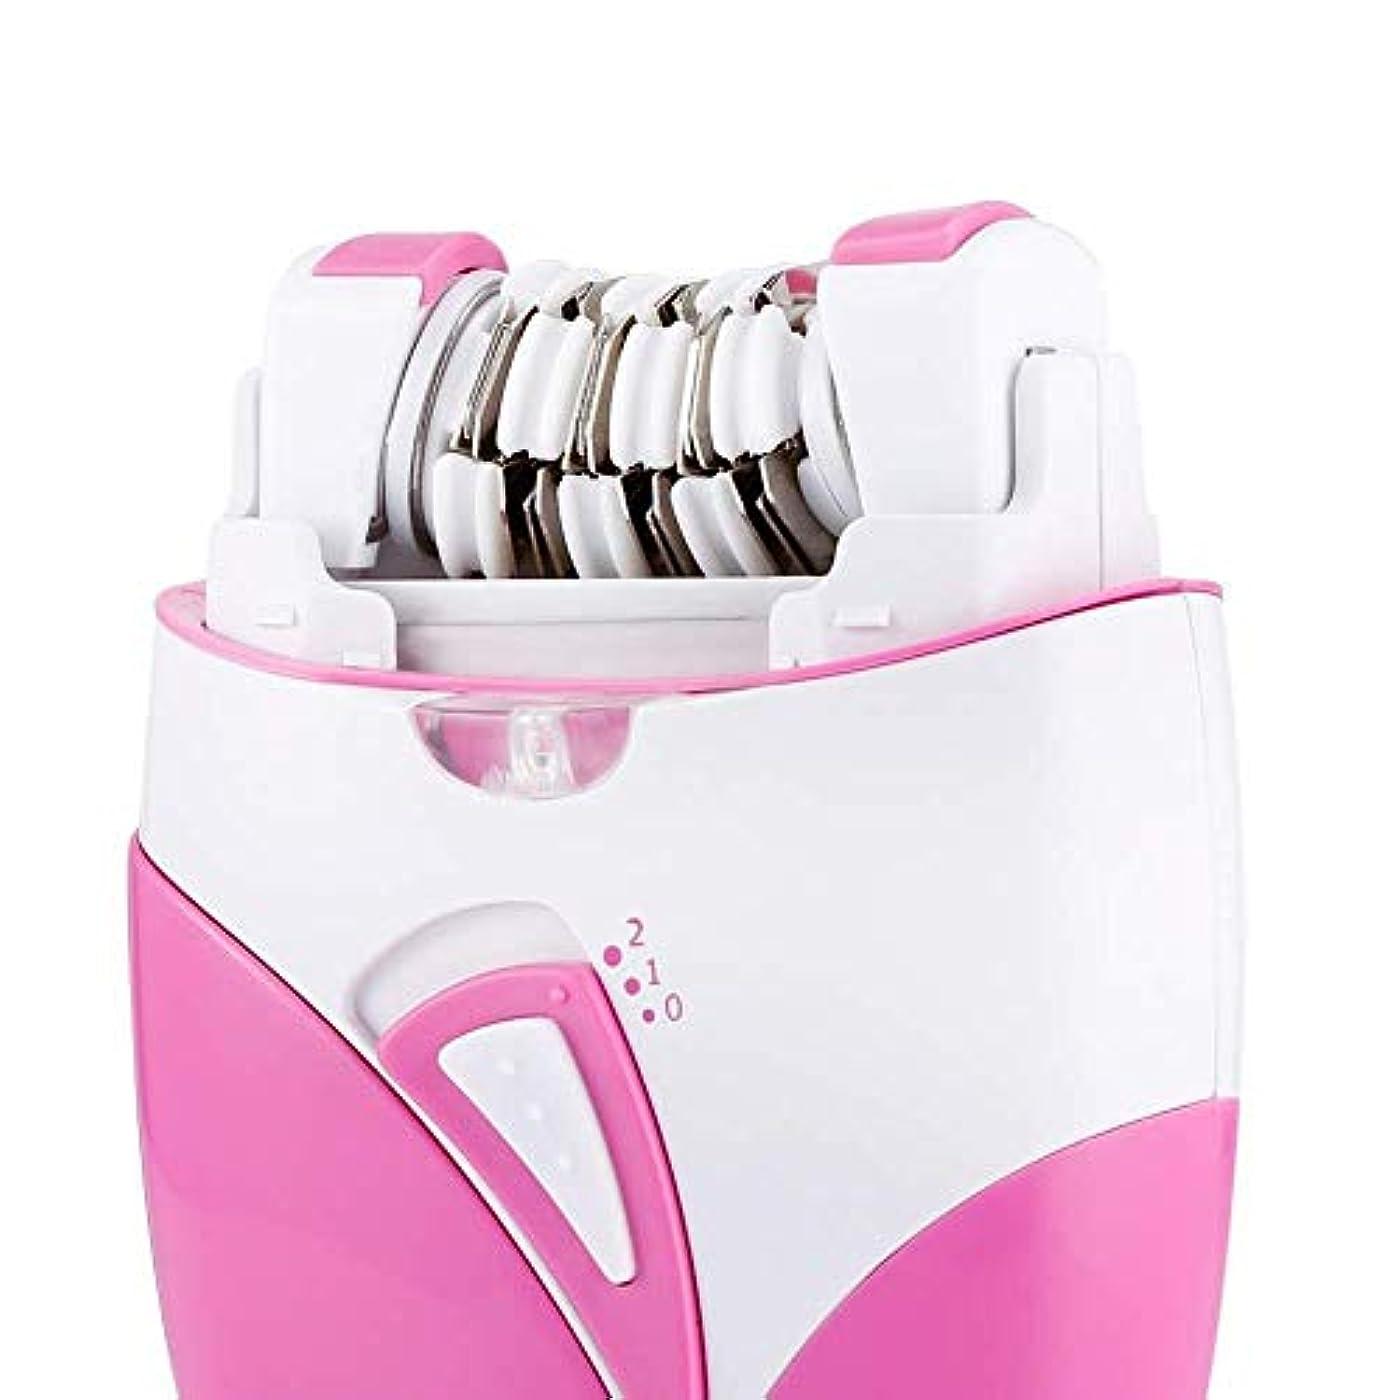 花輪メアリアンジョーンズエレガントBBONE女性用脱毛器USB充電脱毛機コードレス電気充電式レディーシェービング照明付きライトビキニトリマーフェイシャルボディ脇の下脱毛器、ピンク、10.5 * 6.9cm、ピンク,Pink